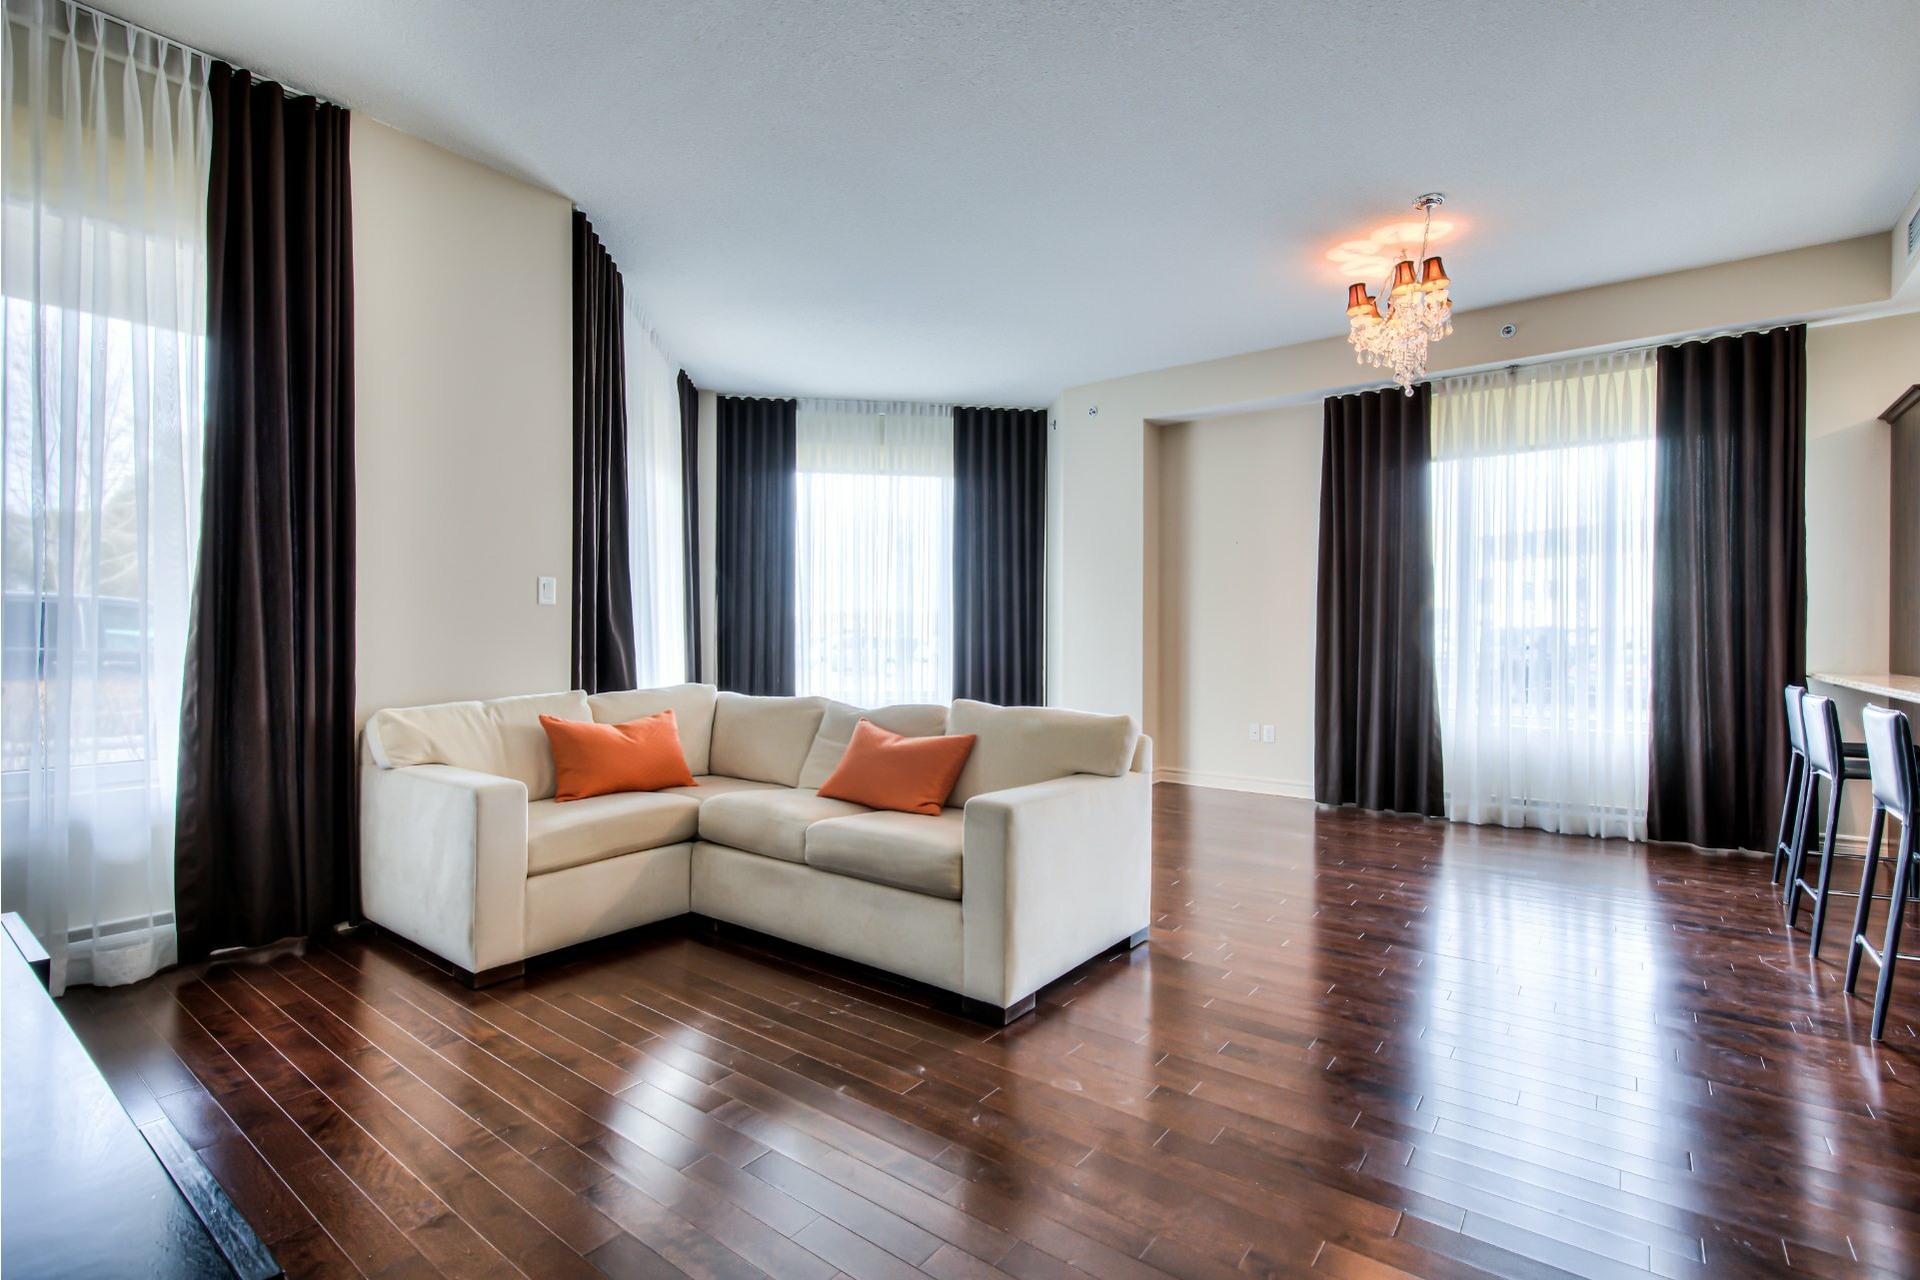 image 9 - Appartement À vendre Vaudreuil-Dorion - 8 pièces